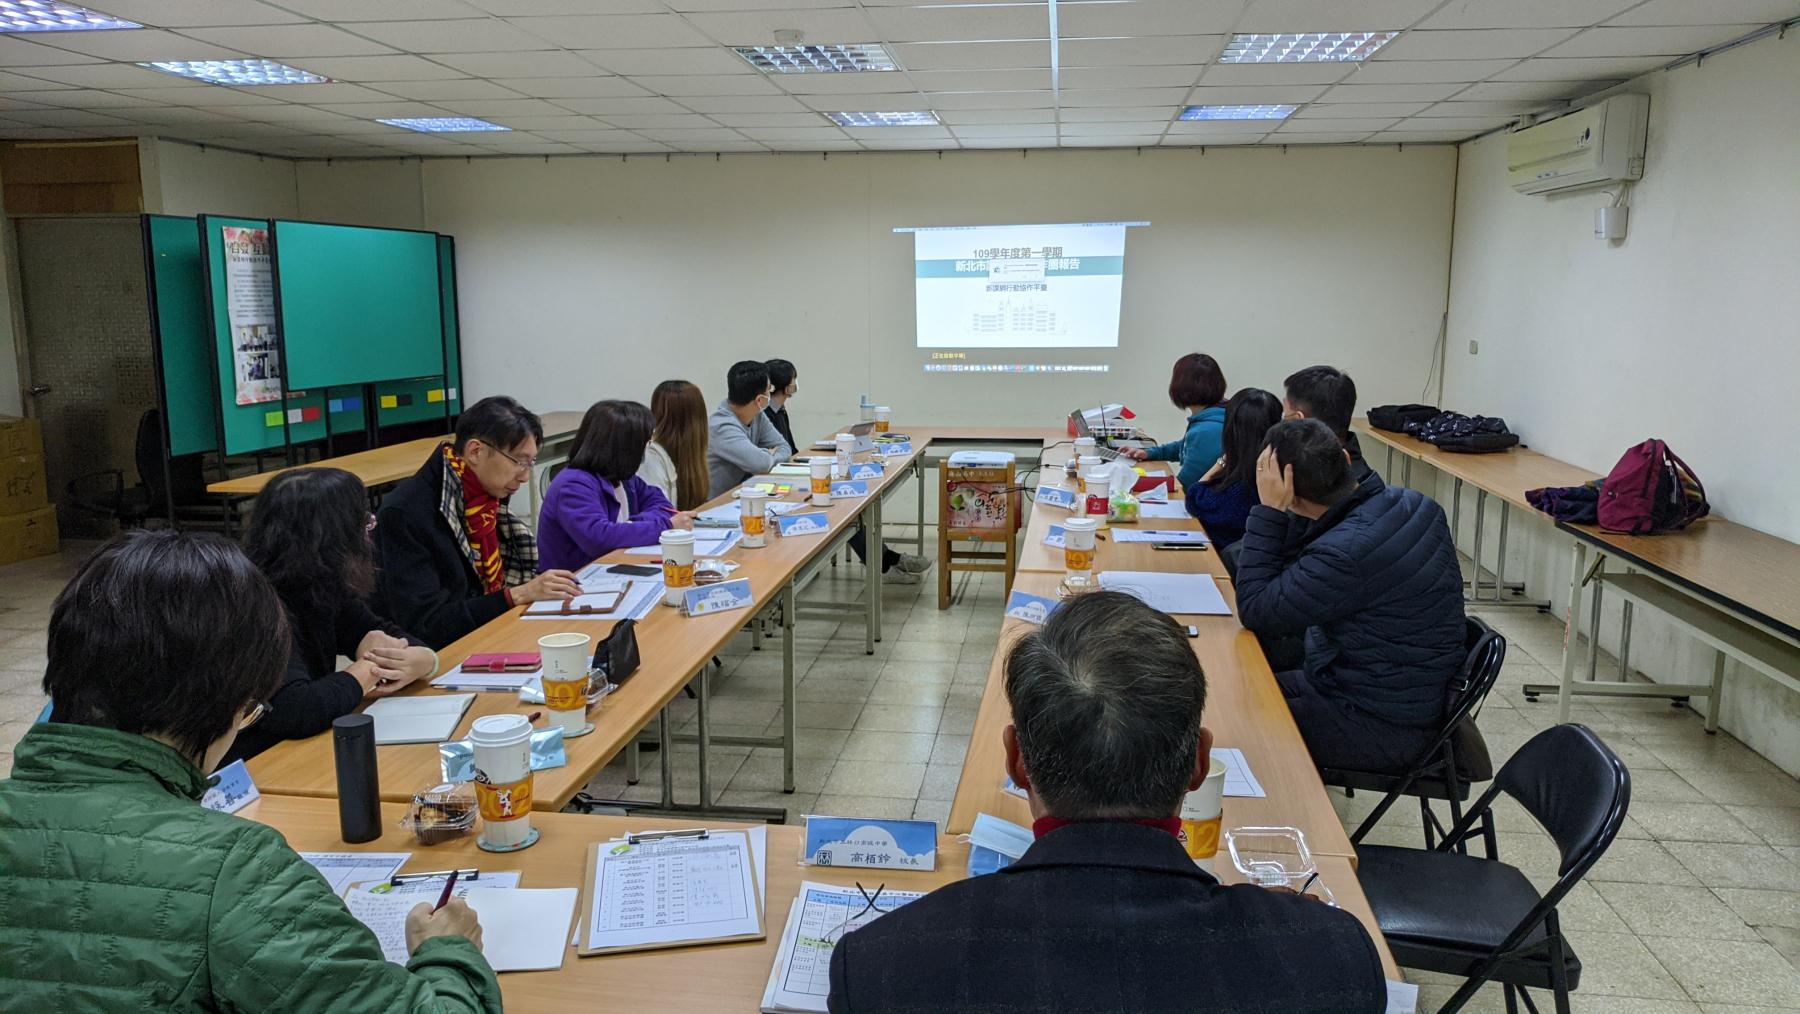 1101113 協作平臺:高中優質化前導學校課程共備研習